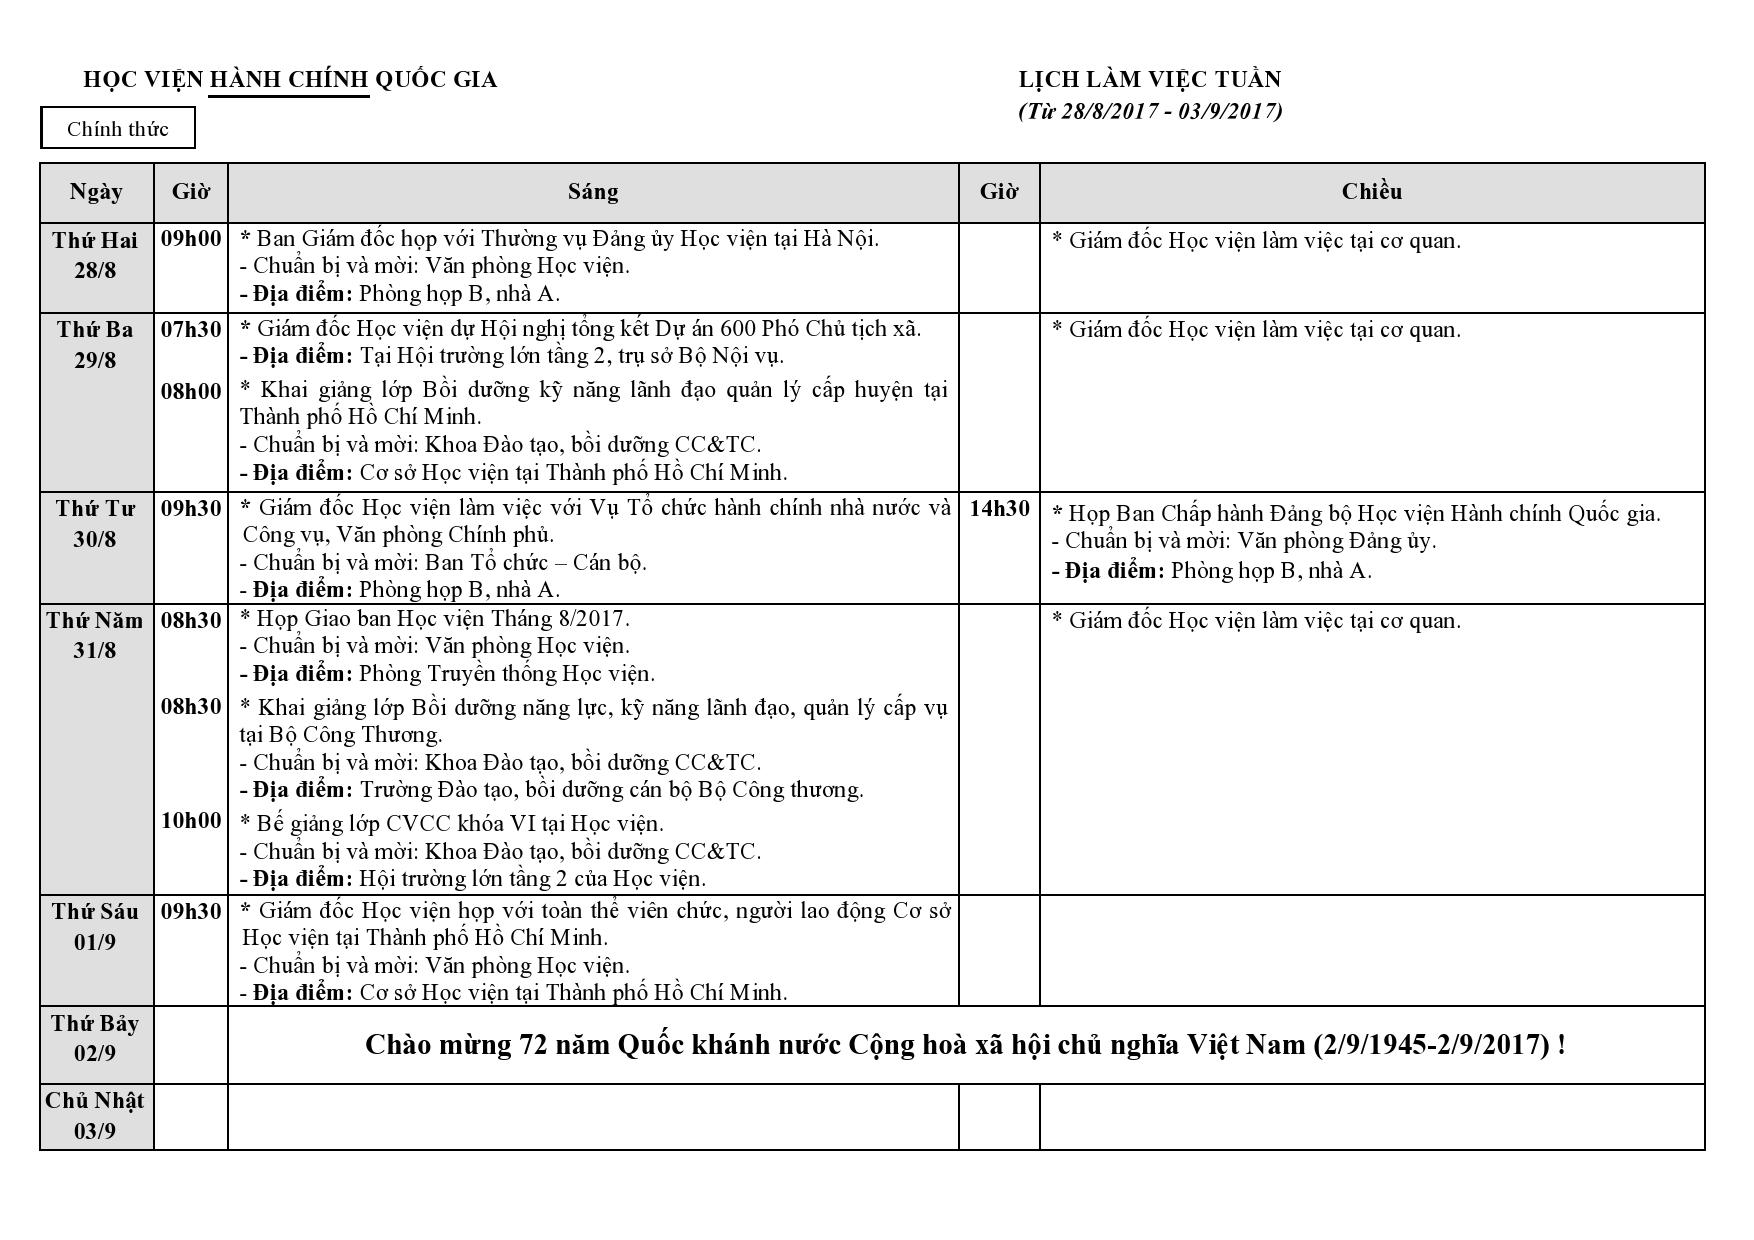 Lịch tuần chính thức HV từ 28.8 - 03.9 (2)-page0001